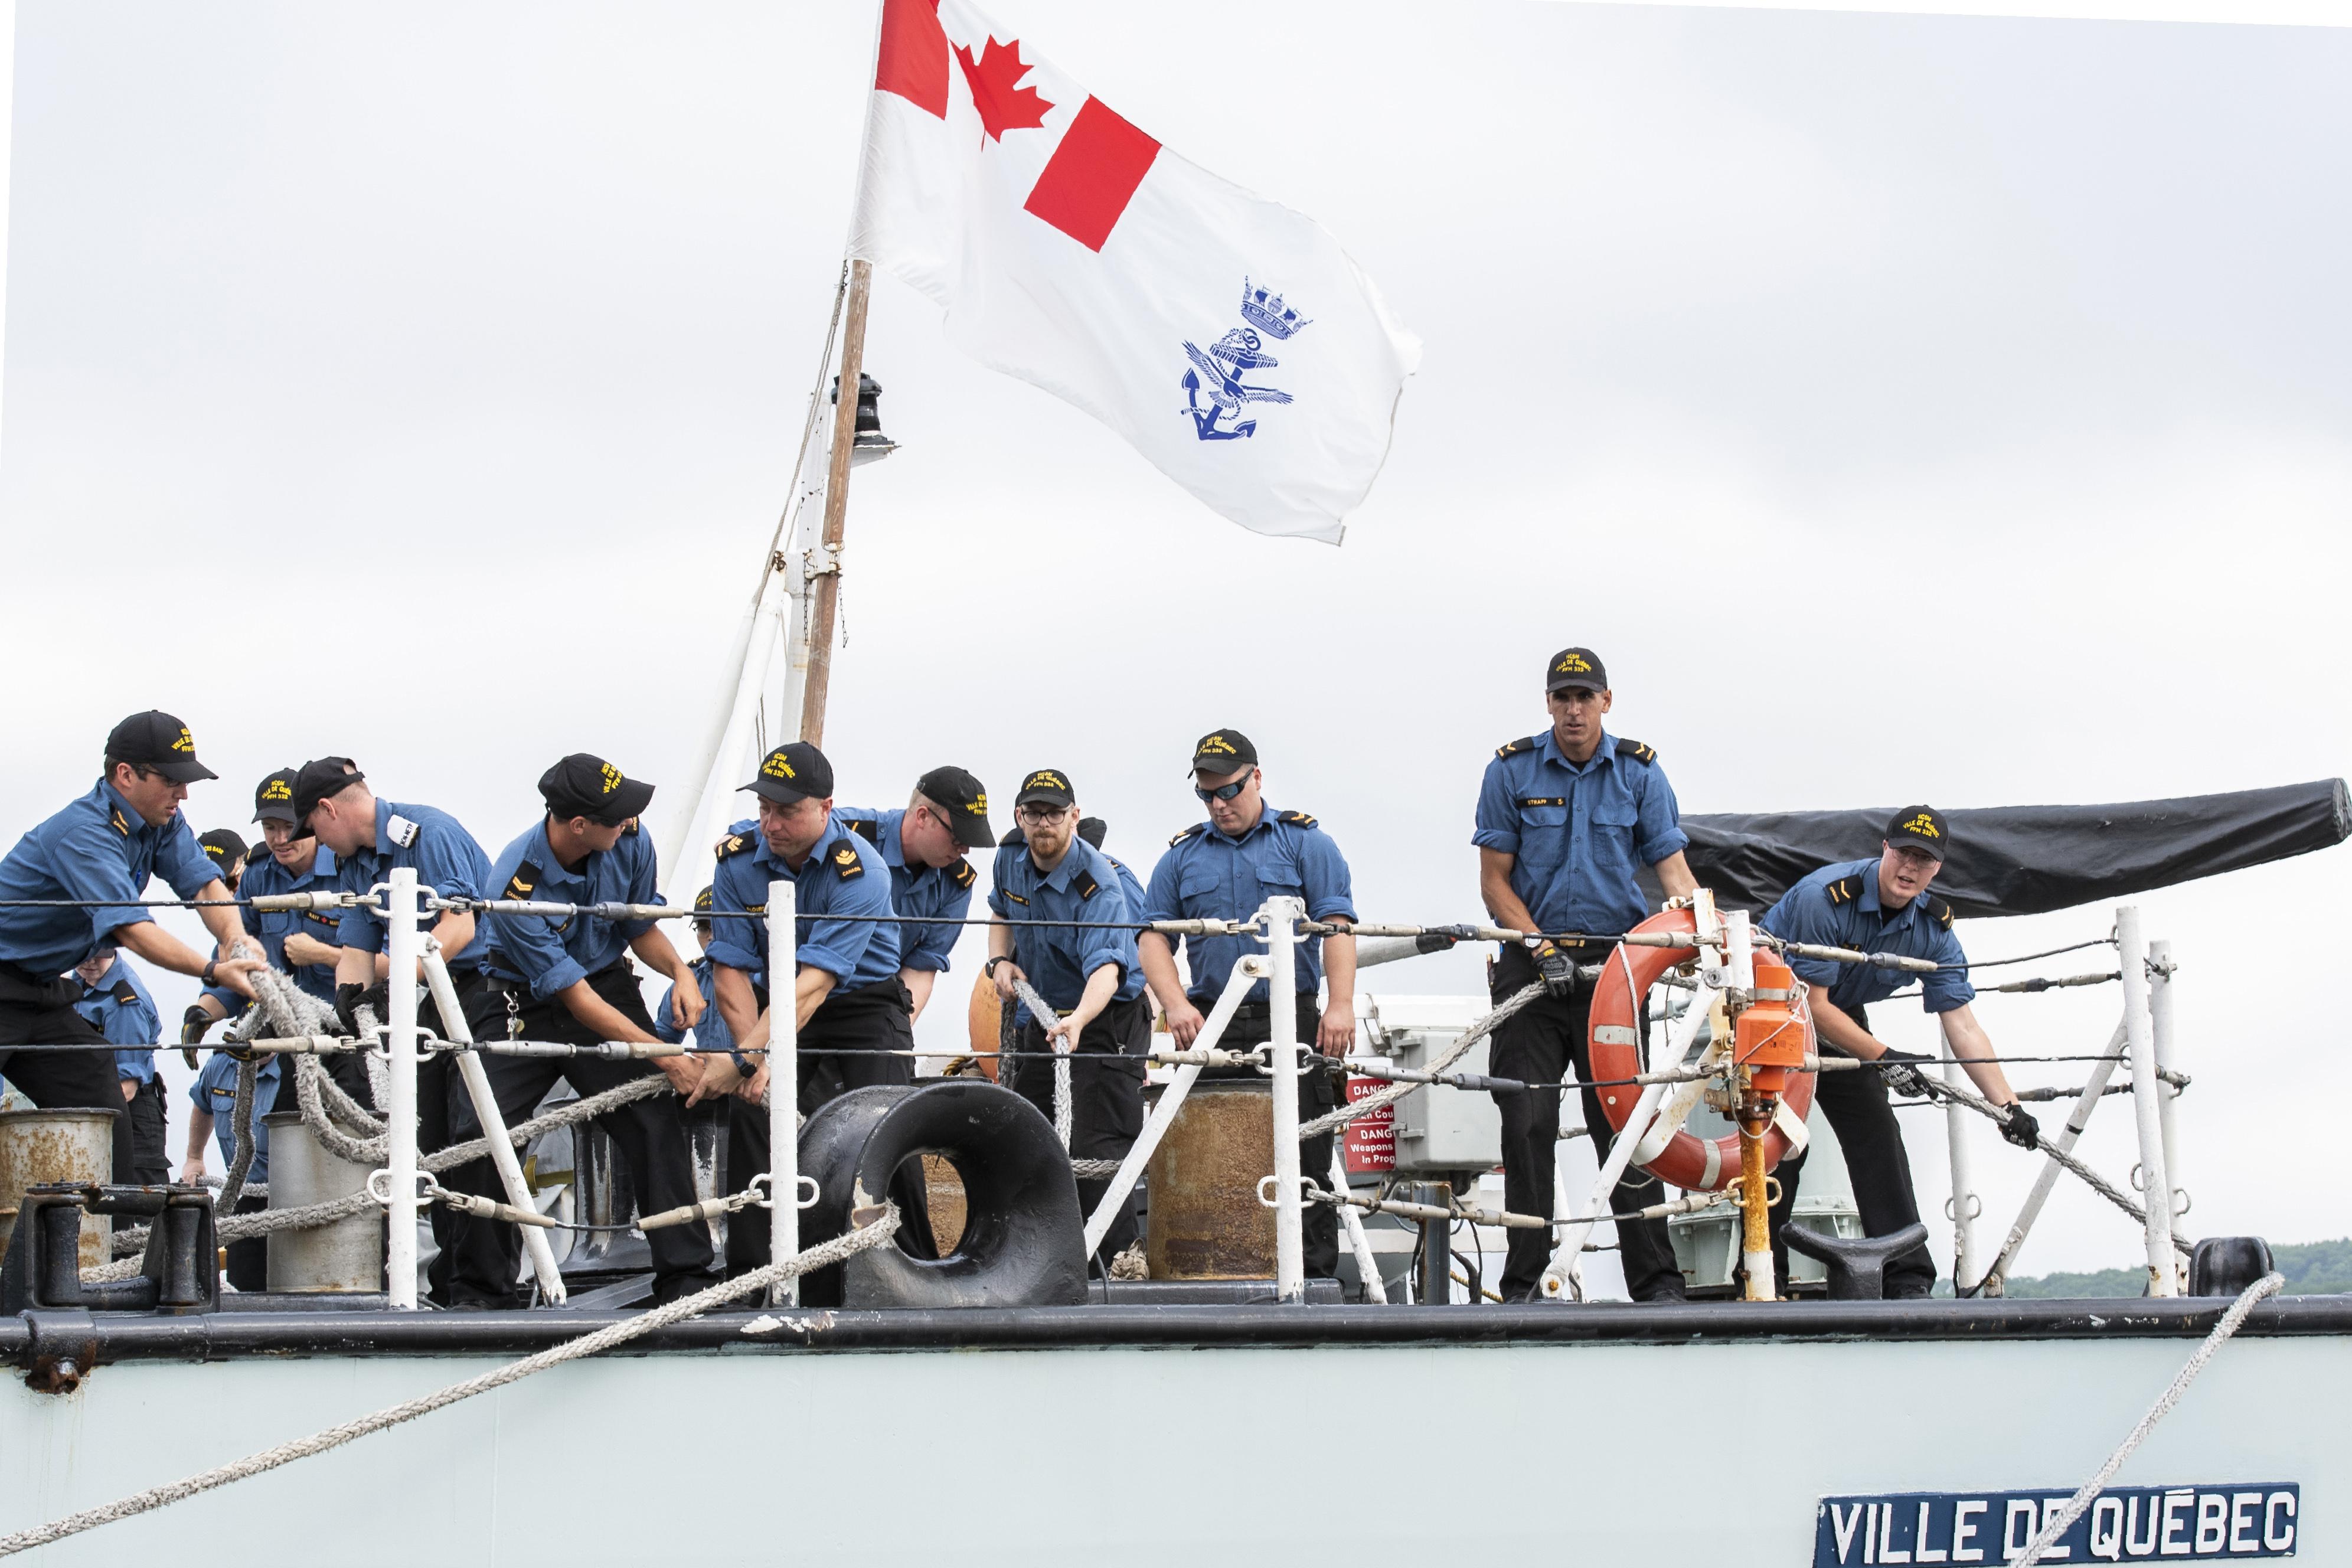 HMCS Ville de Quebéc sails to Arctic waters